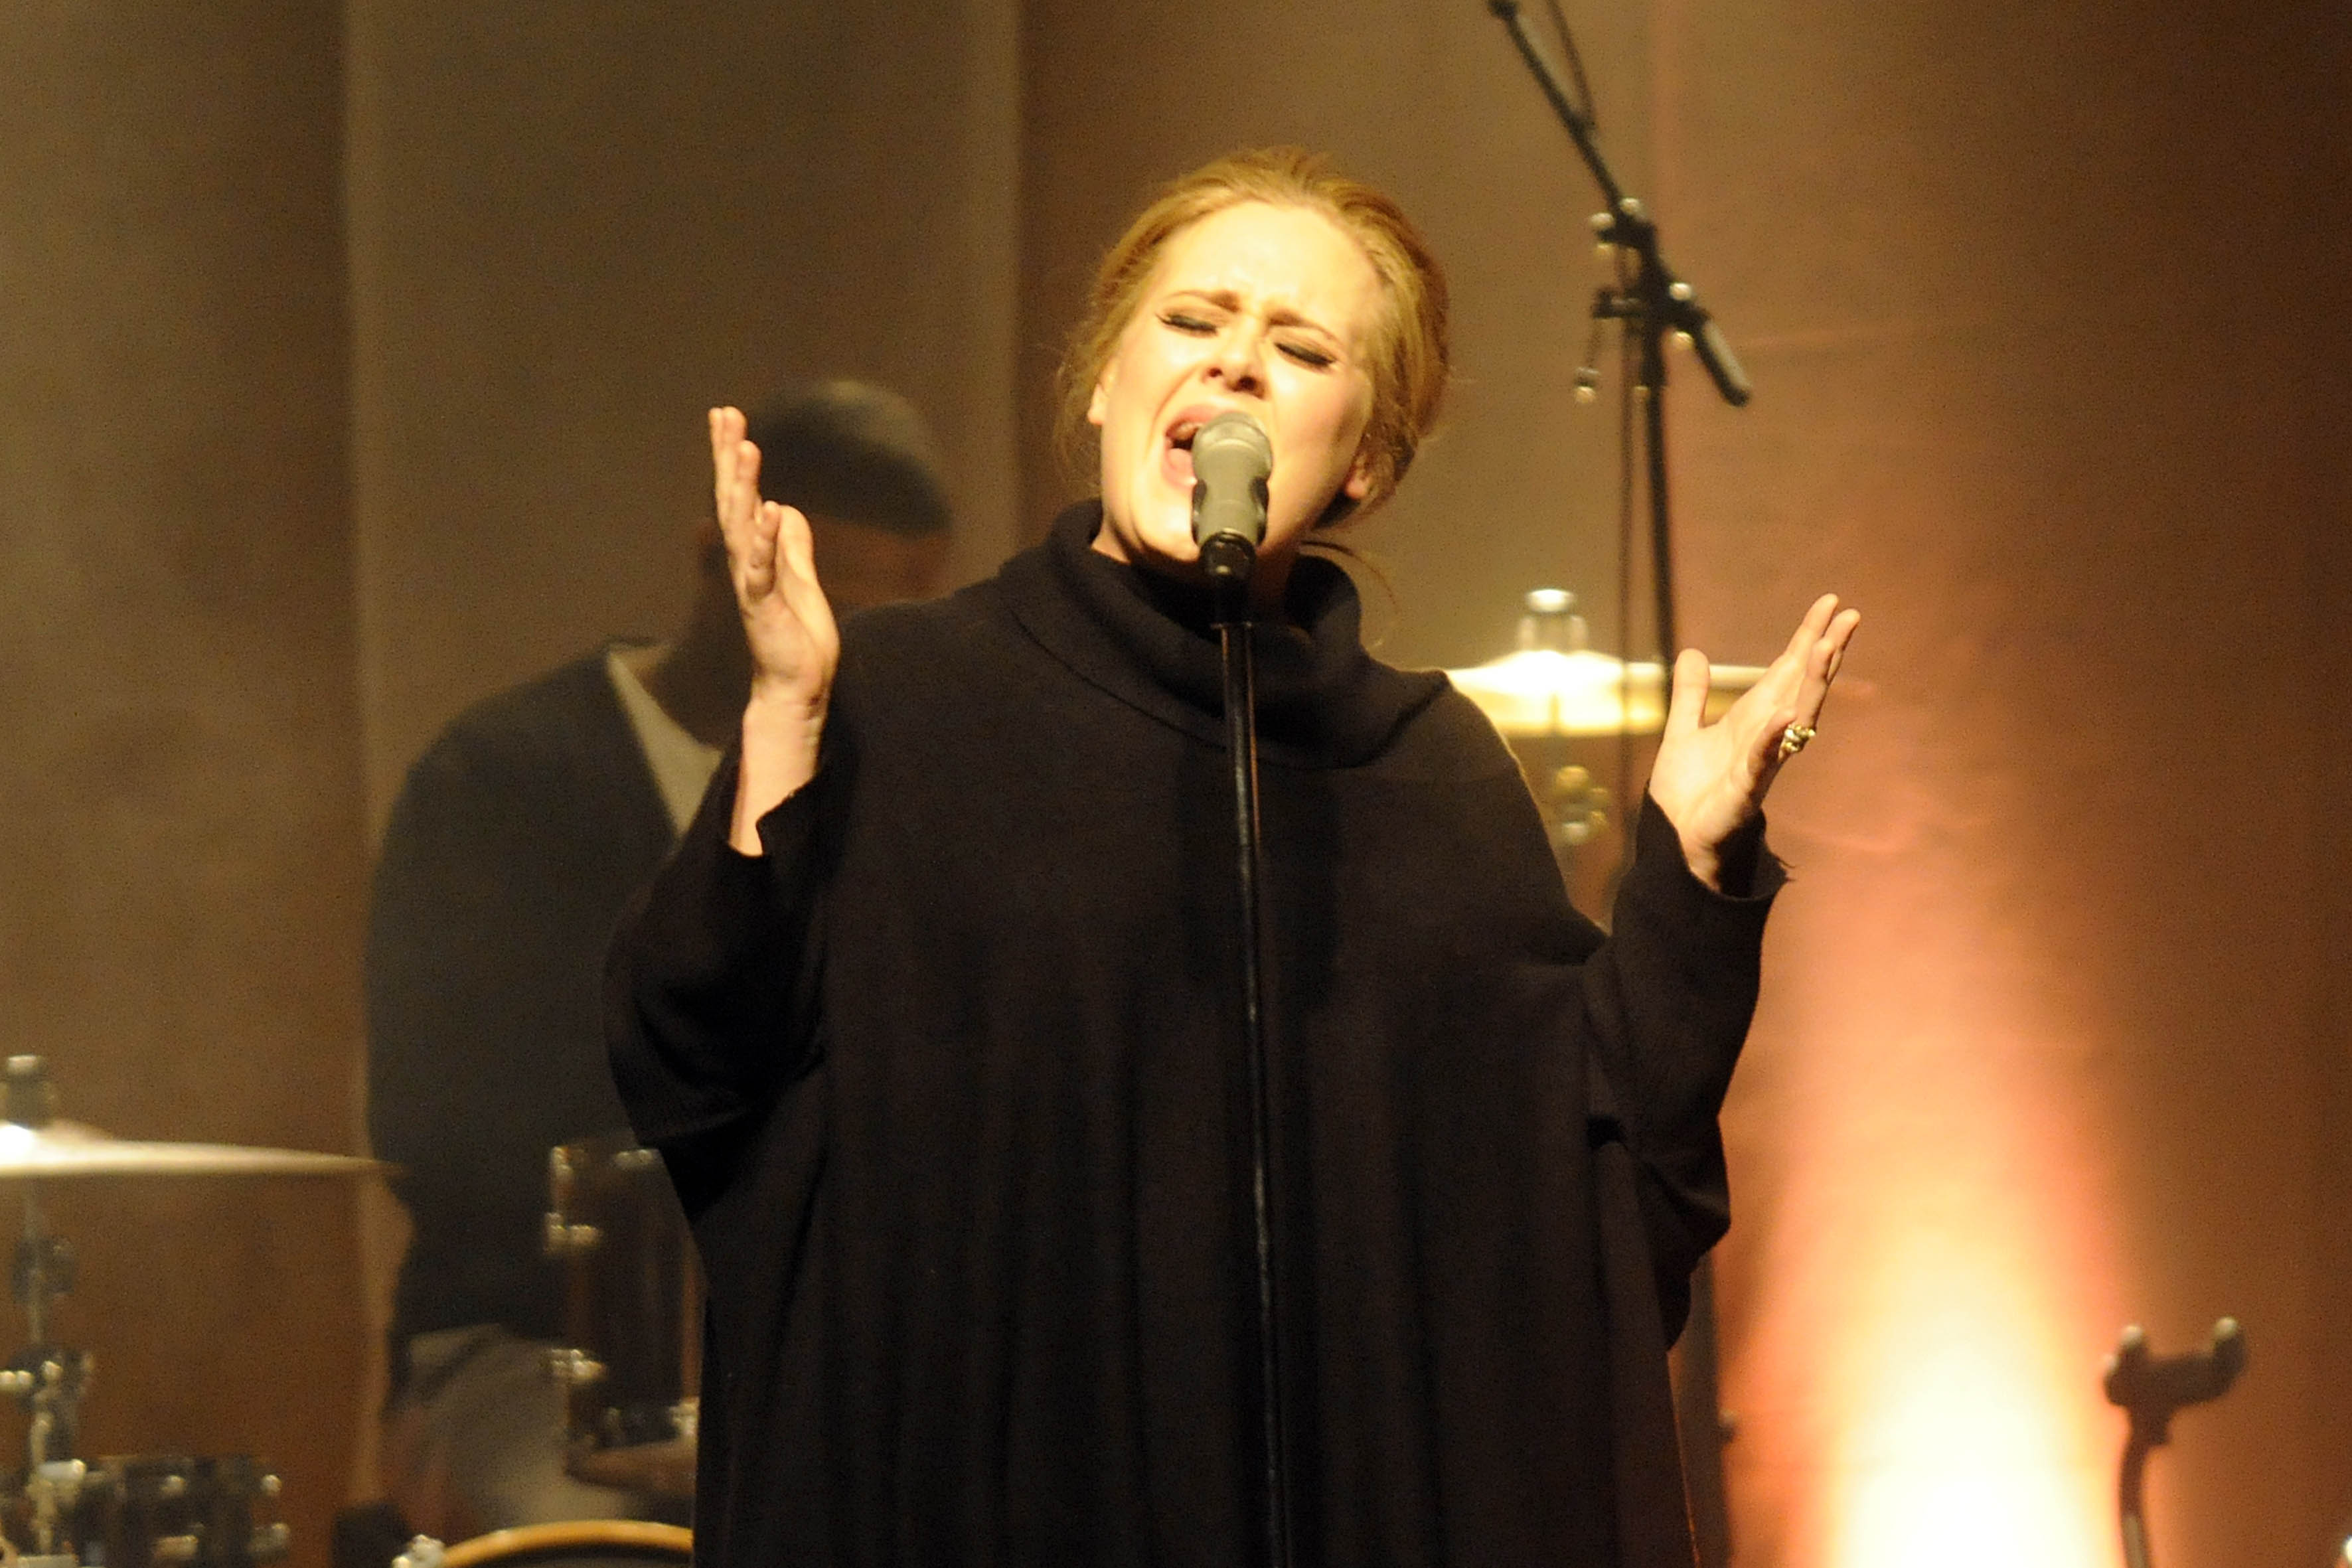 Adele - Adele Laurie Blue Adkins - die britische Pop-, Soul- und Jazzsaengerin bei einem Konzert am 26.03.2011 im Docks/D-Clu